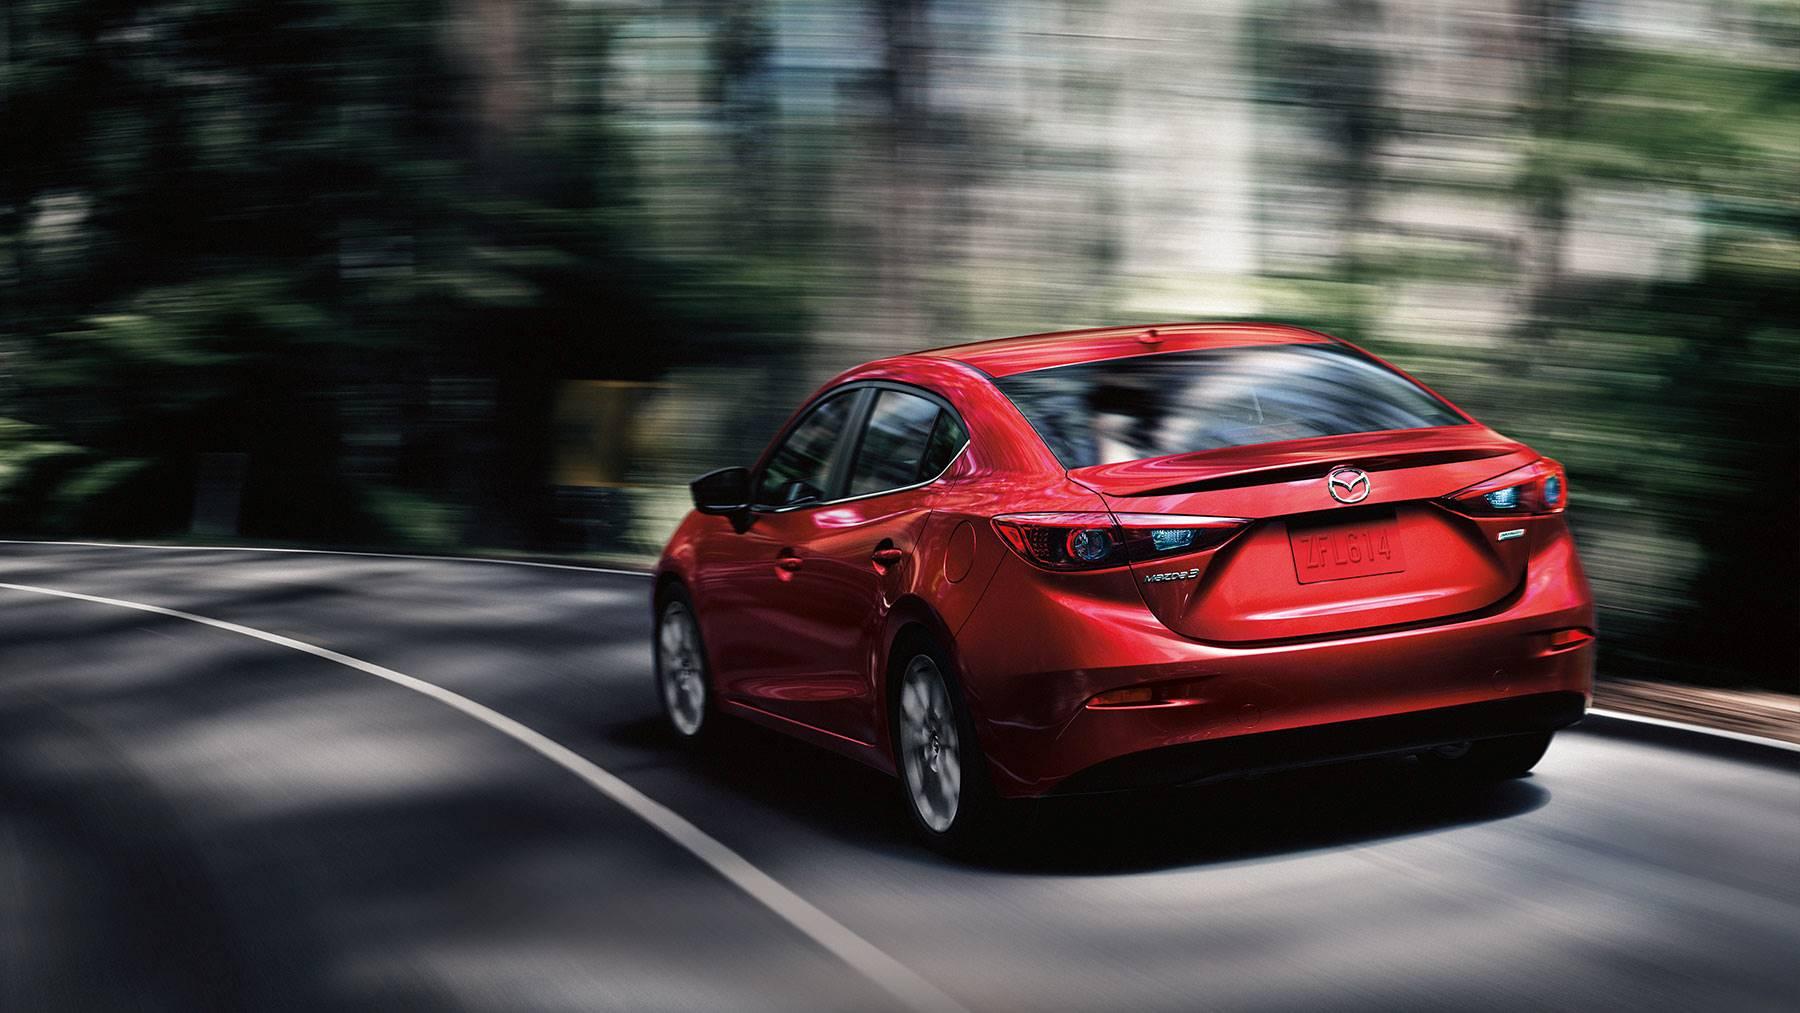 2018 Mazda3 4-door Rear Exterior